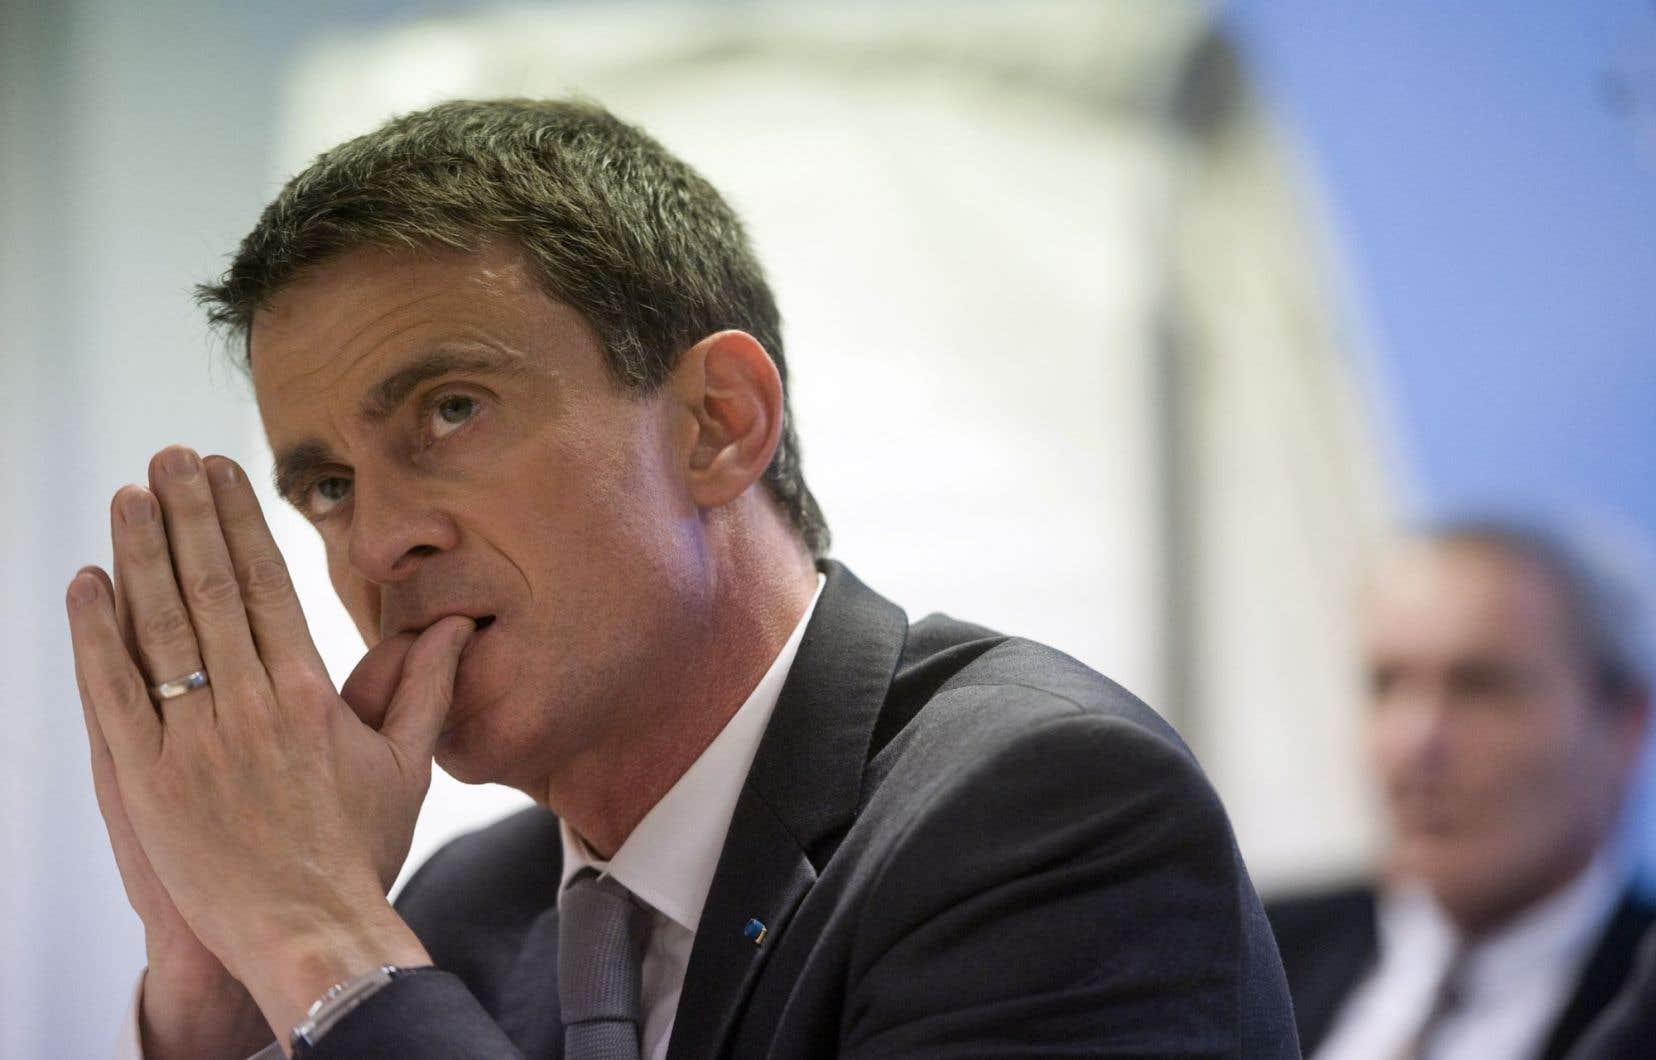 Pour toucher le maximum d'électeurs en un temps record, Manuel Valls multiplie les déplacements de terrain et les réunions publiques avant le premier tour dimanche prochain.